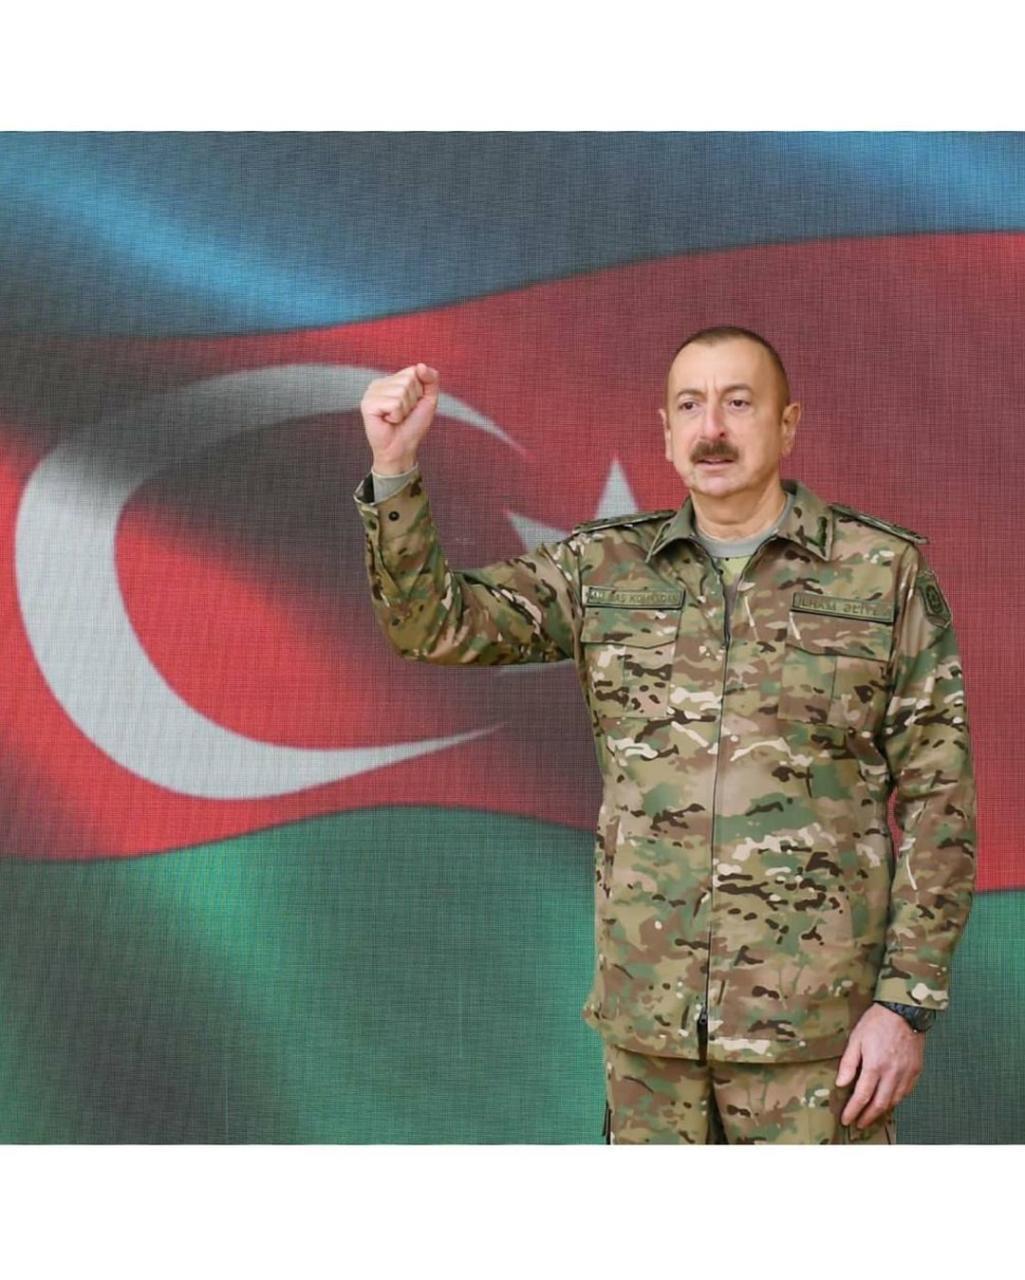 Вице-президент Фонда Гейдара Алиева Лейла Алиева посвятила стихотворение Президенту, Верховному главнокомандующему Ильхаму Алиеву